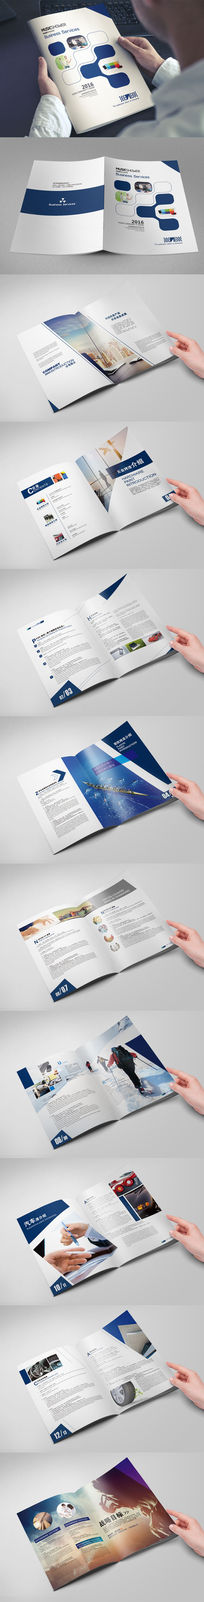 简洁大气公司集团画册版式设计